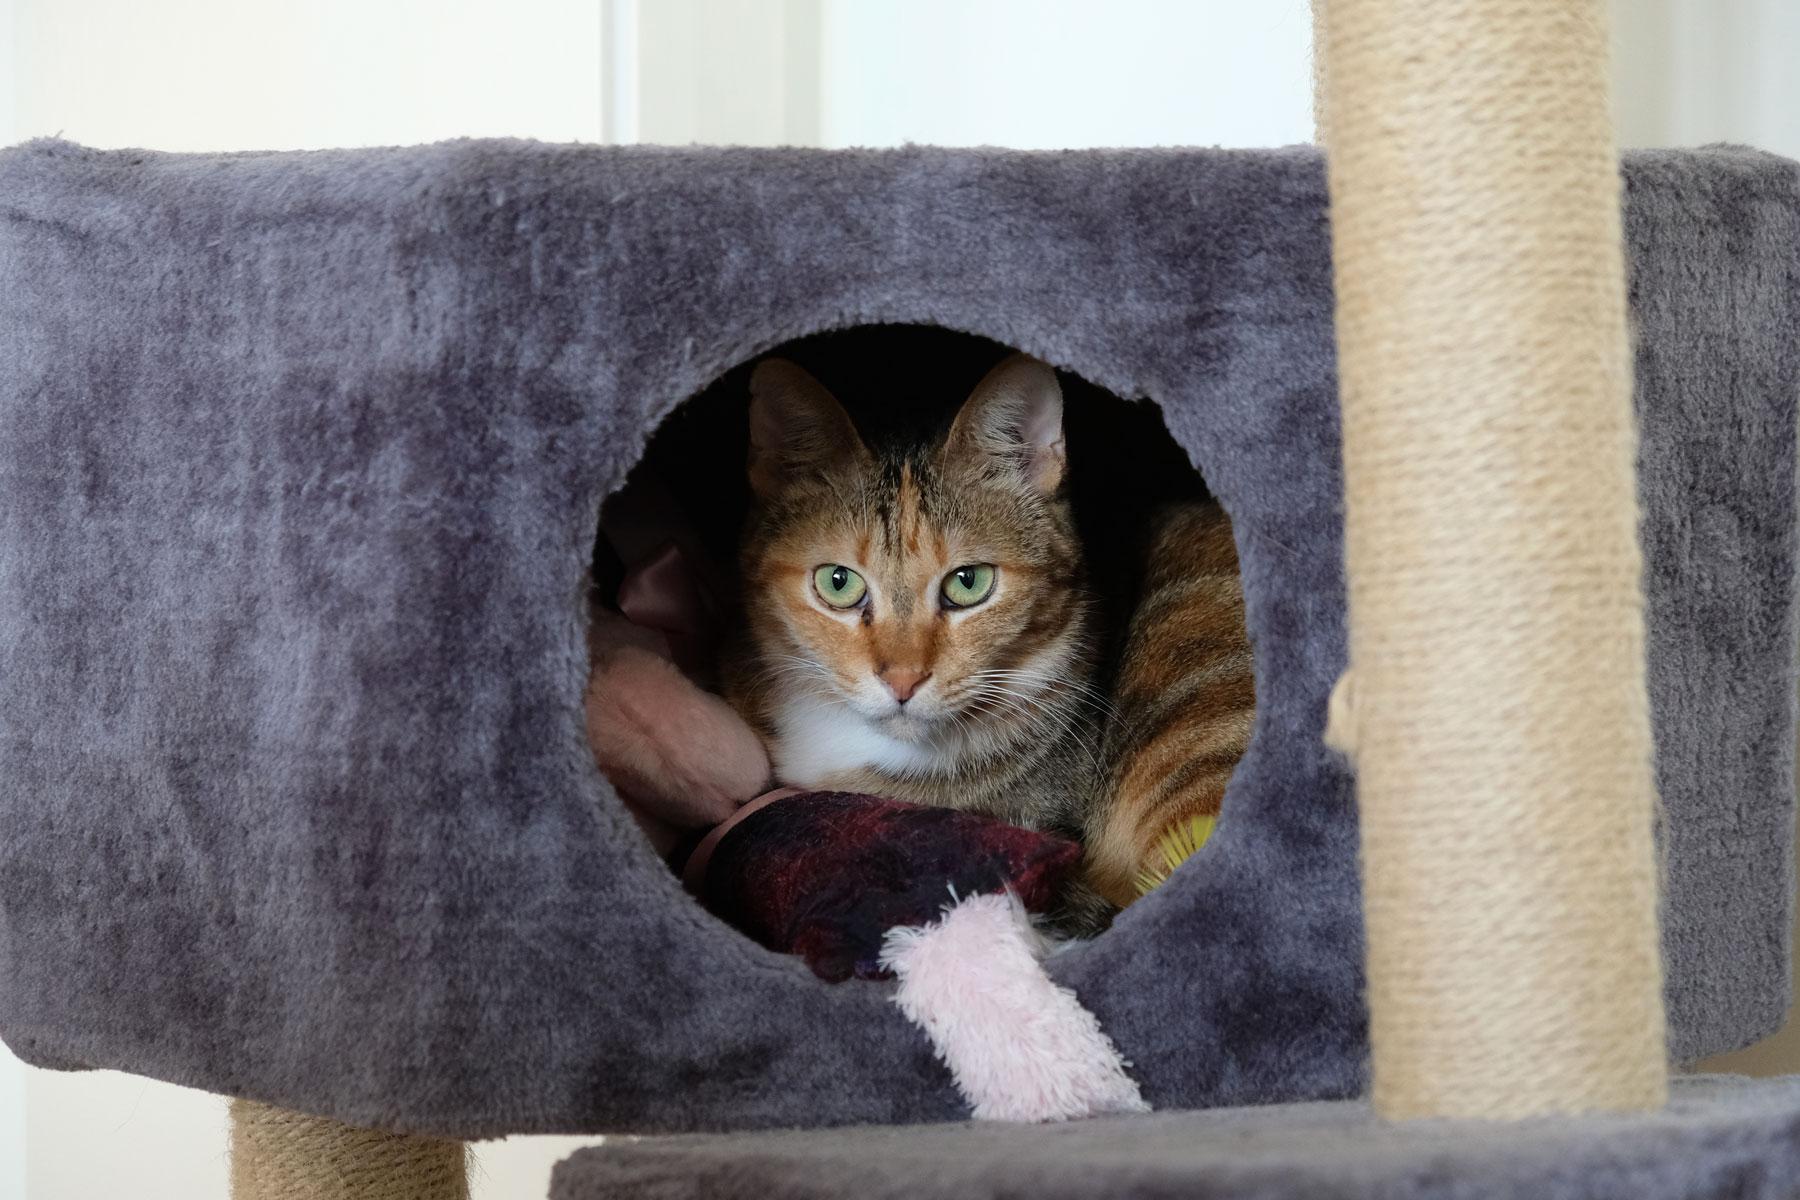 Katze Mayo schaut aus dem runden Eingang ihres Verstecks heraus.